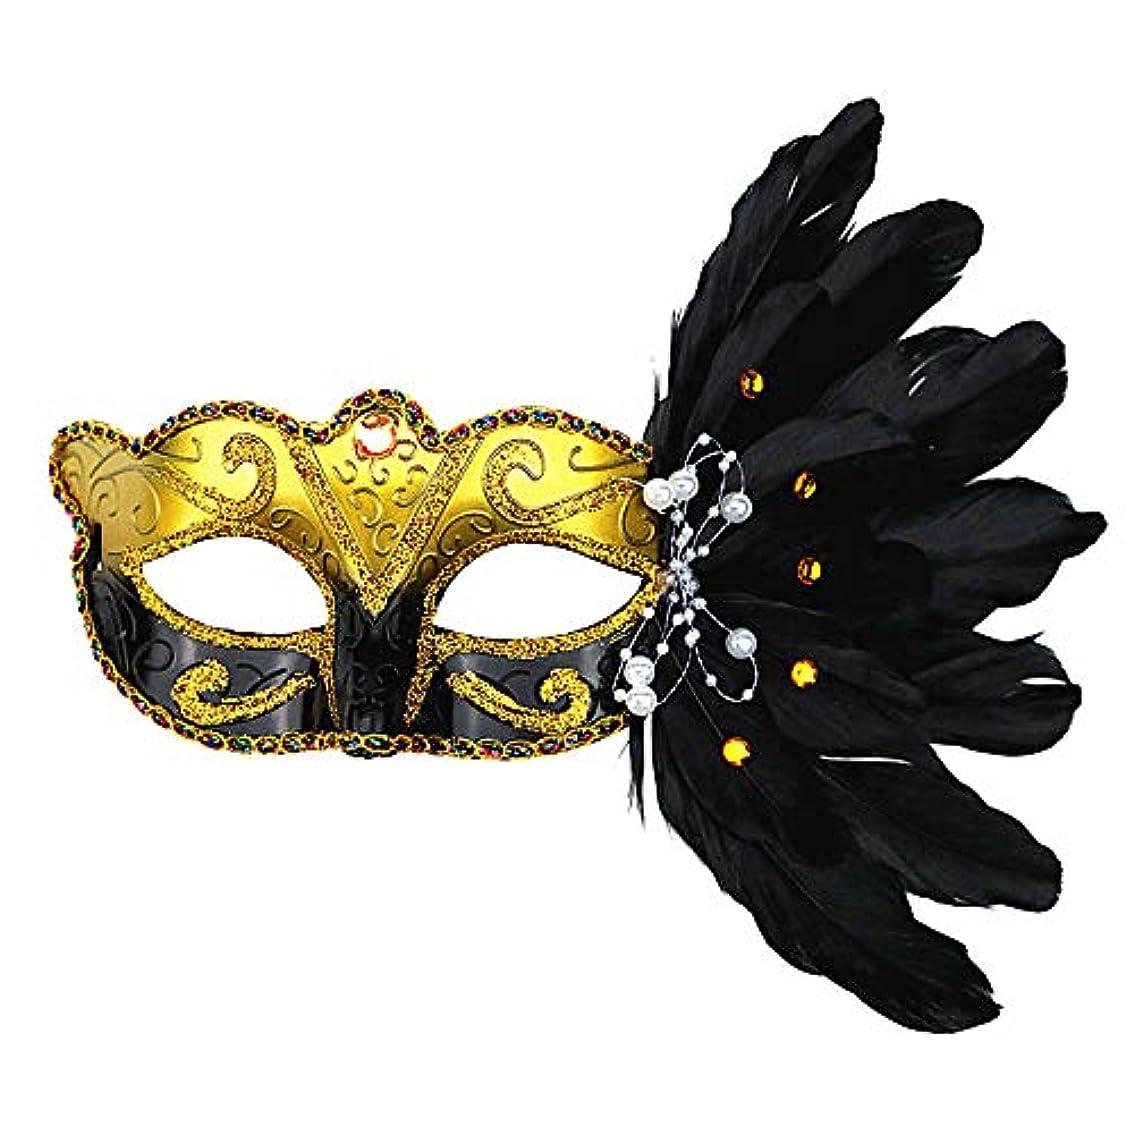 信頼性のある利点乙女Auntwhale ハロウィーンマスク大人恐怖コスチューム、ペイントフェザーファンシーマスカレードパーティーハロウィンマスク、フェスティバル通気性ギフトヘッドマスク